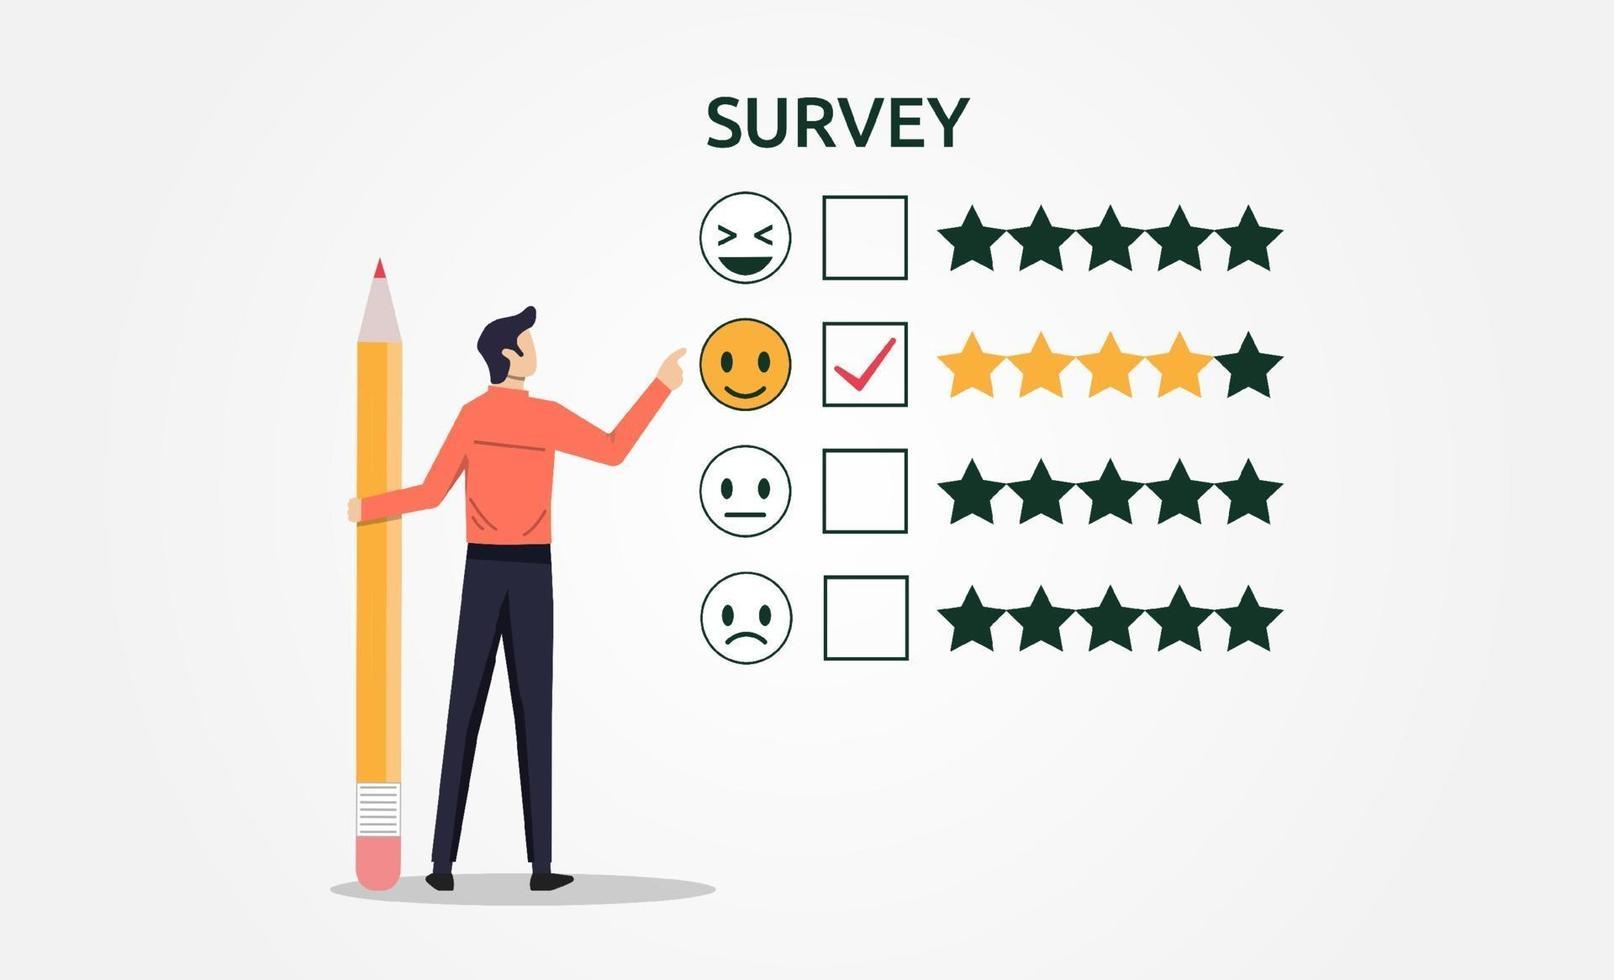 un uomo con la matita che riempie il concetto del modulo di indagine. feedback del sondaggio per l'illustrazione vettoriale di soddisfazione del cliente